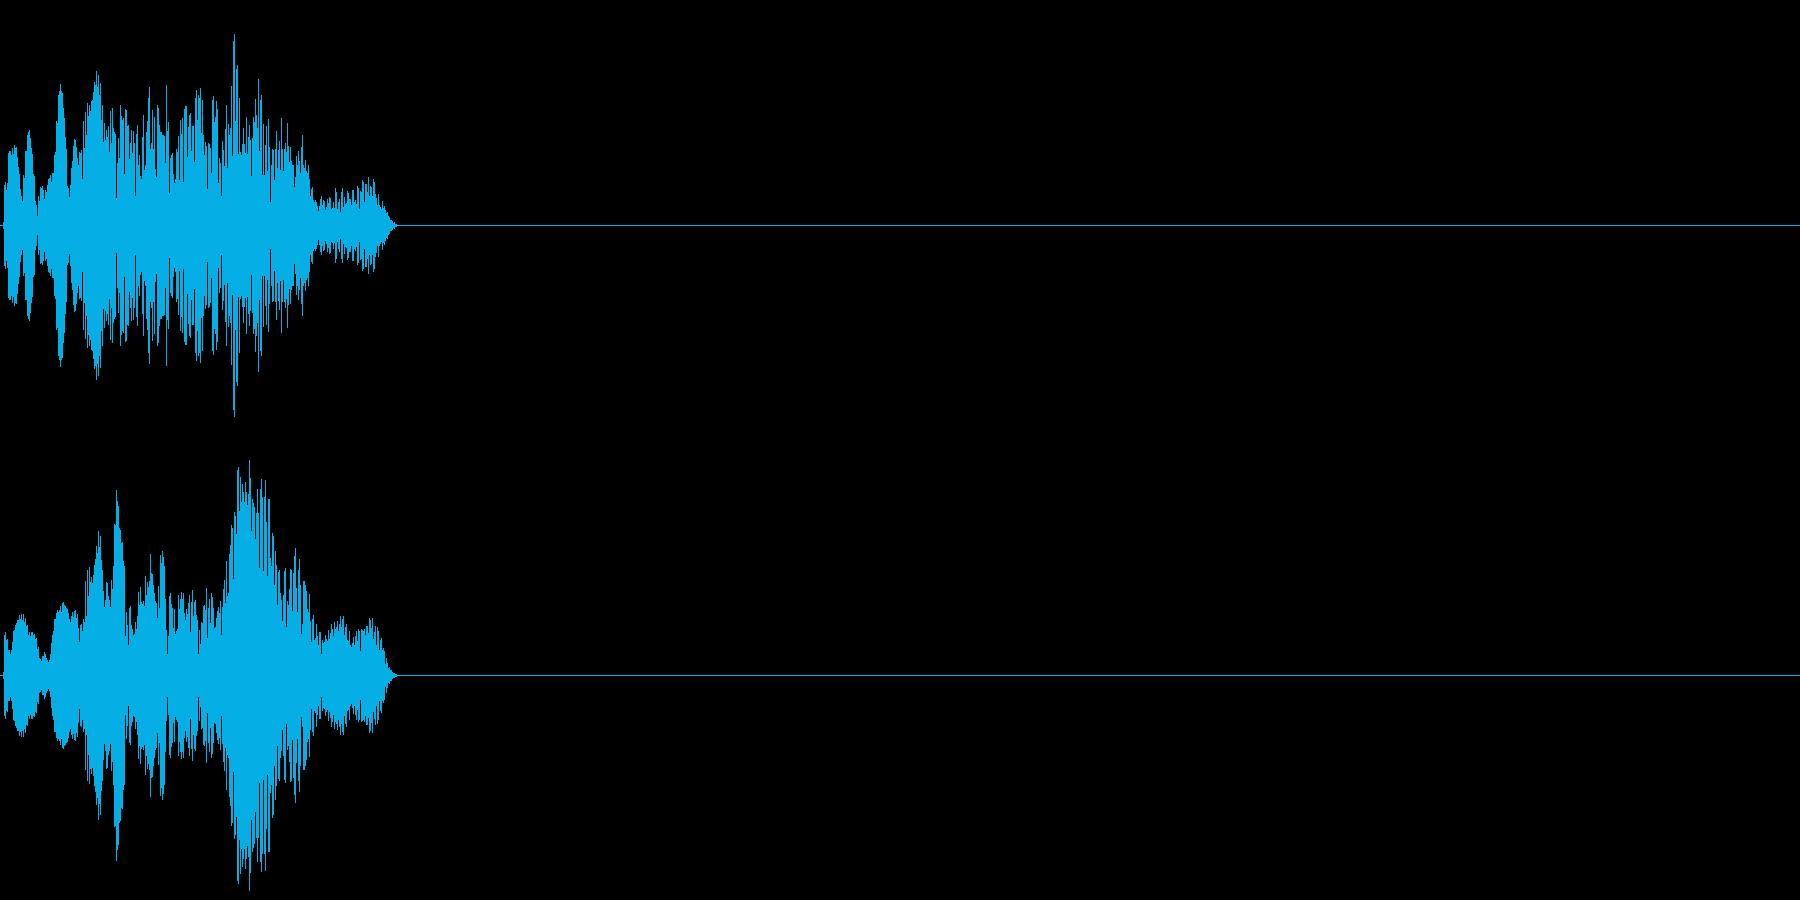 ホワホフィー(未来的なサウンド)の再生済みの波形